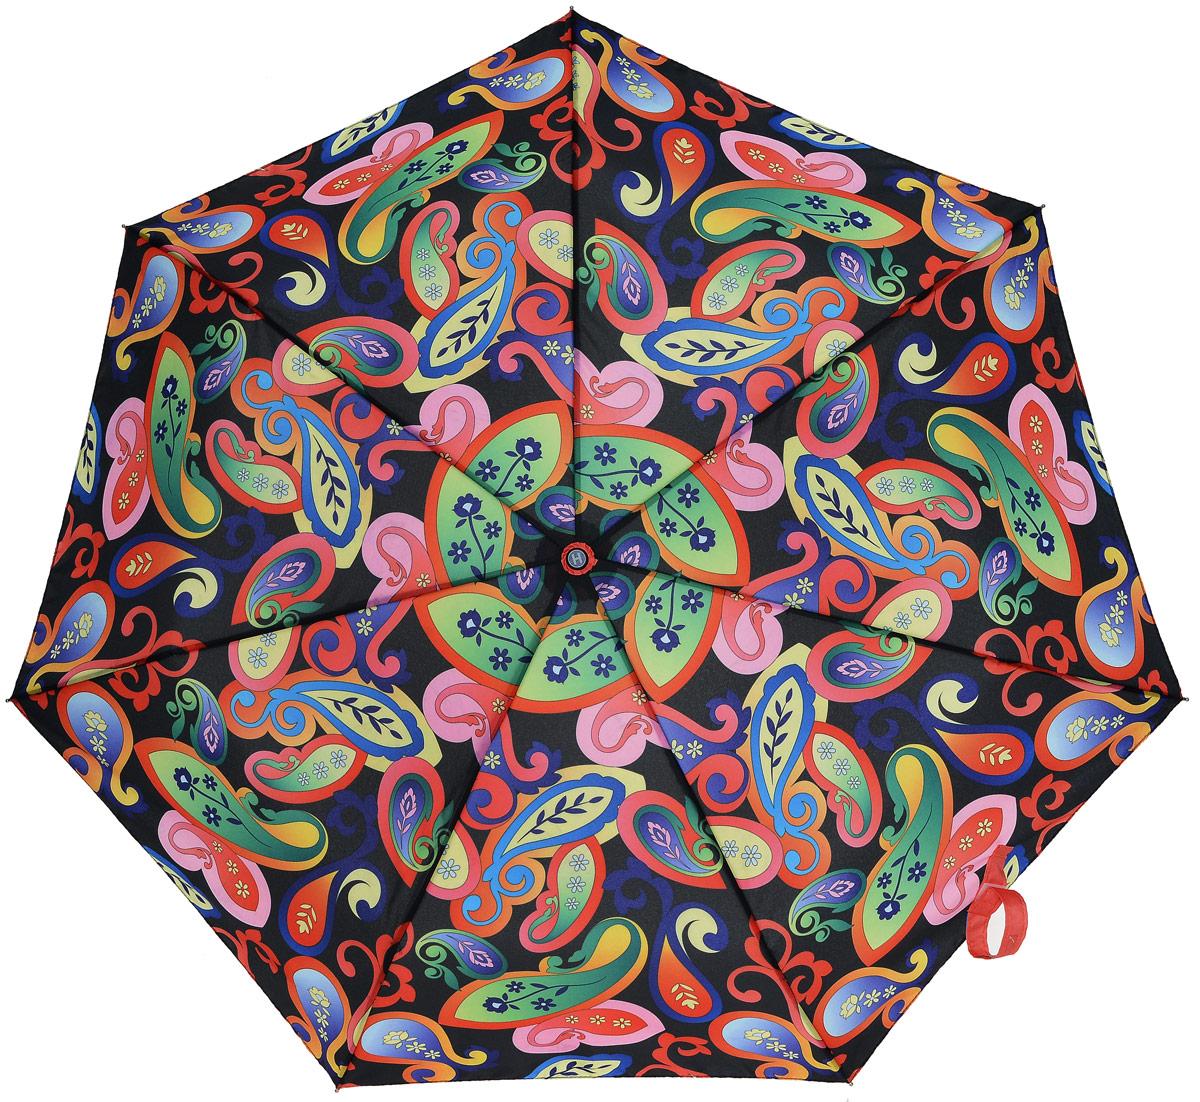 Зонт женский Henry Backer, 3 сложения, цвет: мультиколор. U26201 Bright PaisleyU26201 Bright PaisleyЖивописный женский зонт «Яркие огурцы», автомат У зонта сравнительно легкий для автомата вес благодаря использованию наряду со сталью алюминия и фибергласса. Конструкция каркаса ветроустойчивая.